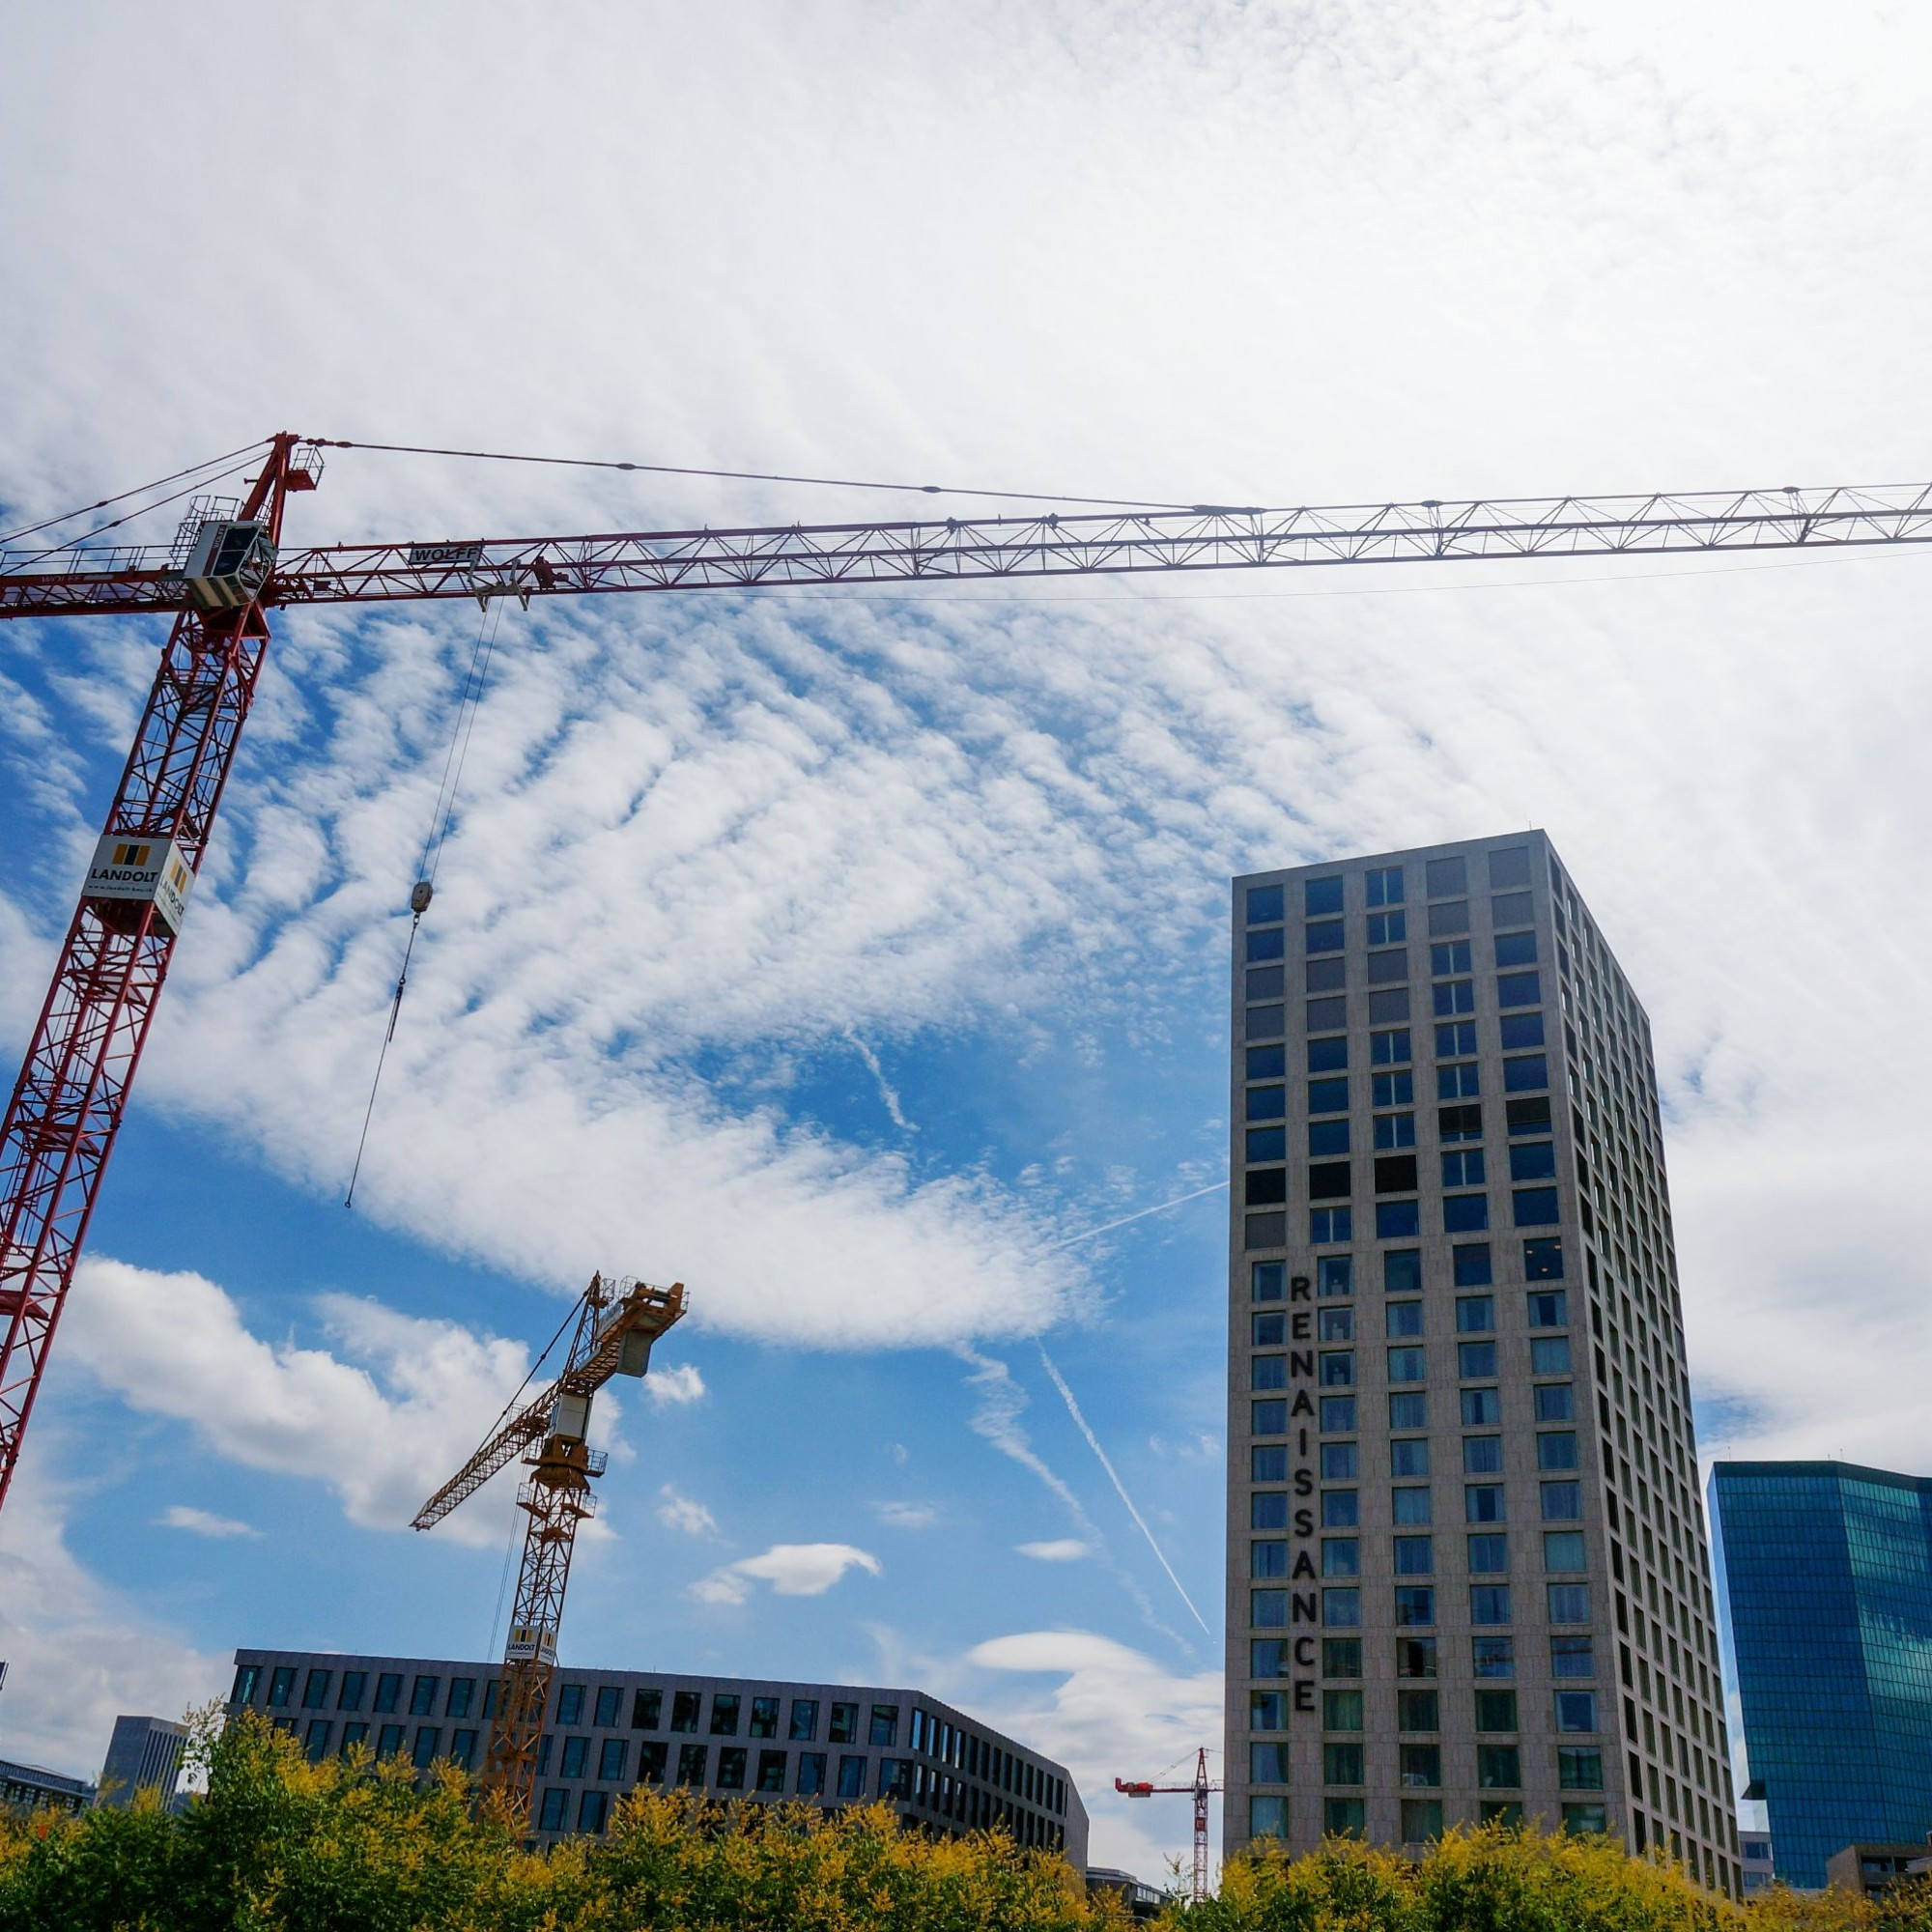 Die Bauinvestitionen sind gestiegen: Auch beim Zürcher Pfingstweidpark ragen Krane in den Himmel.